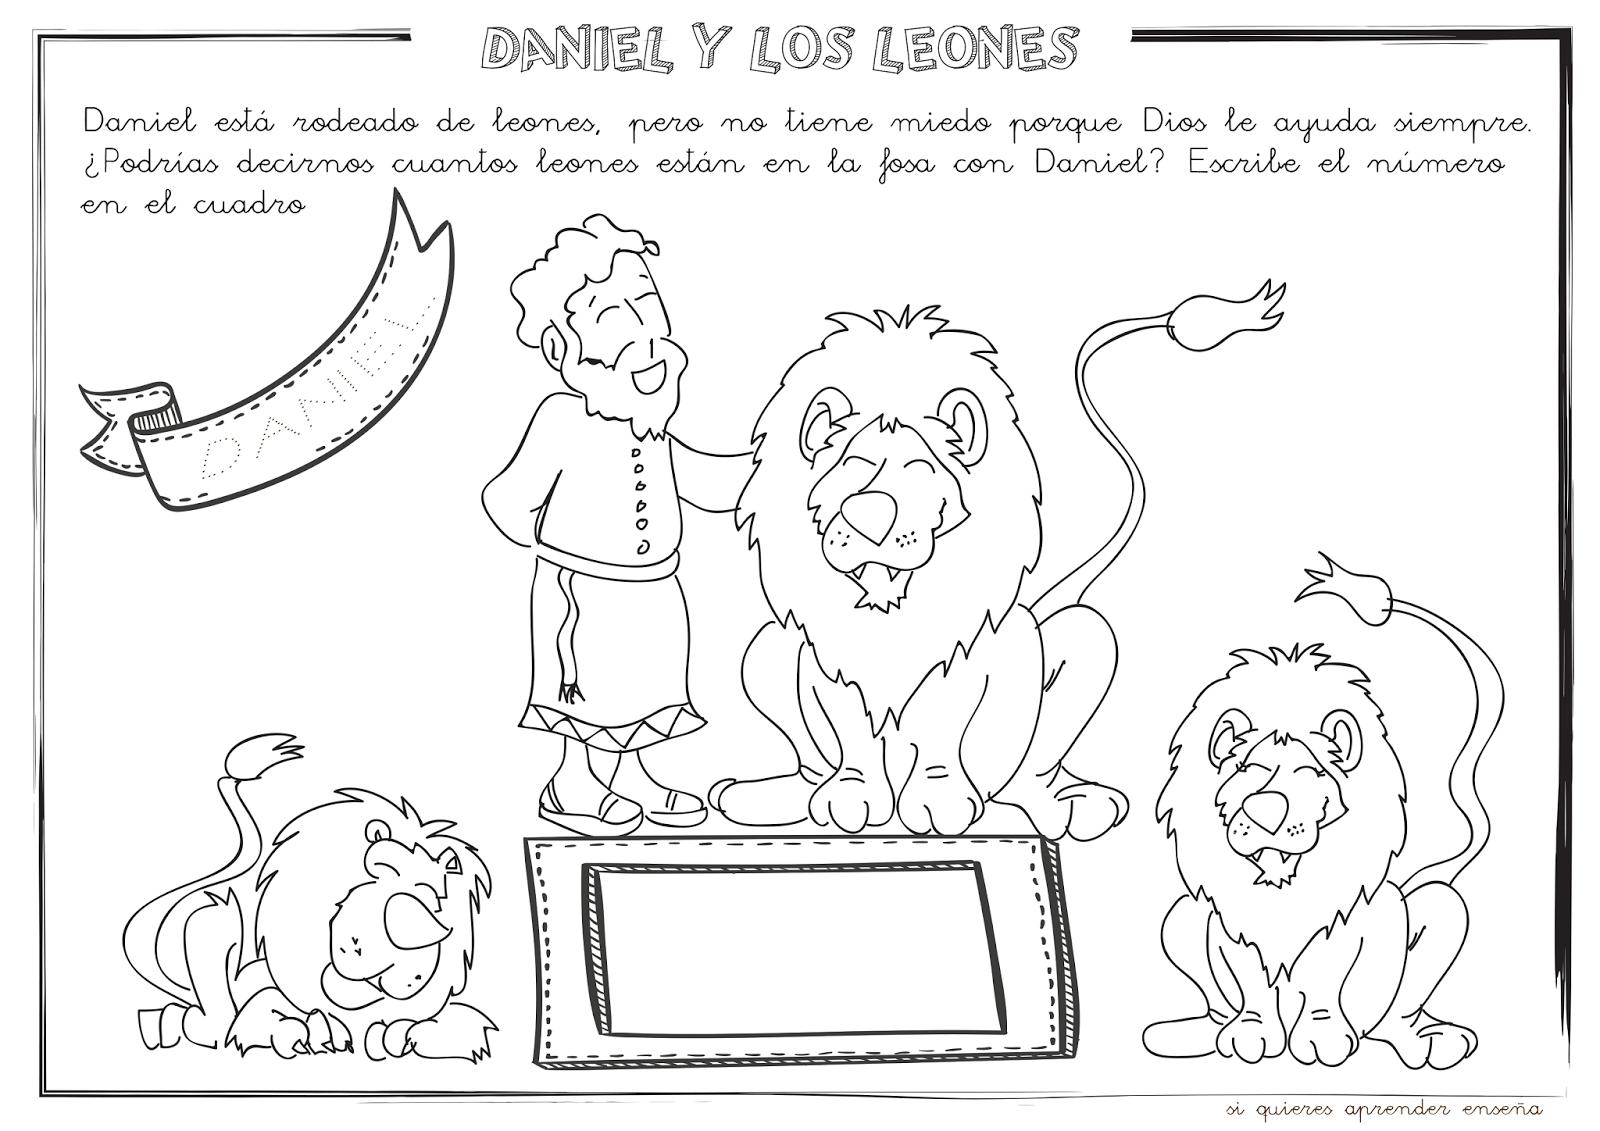 Daniel y los leones. | Religion | Pinterest | Religion